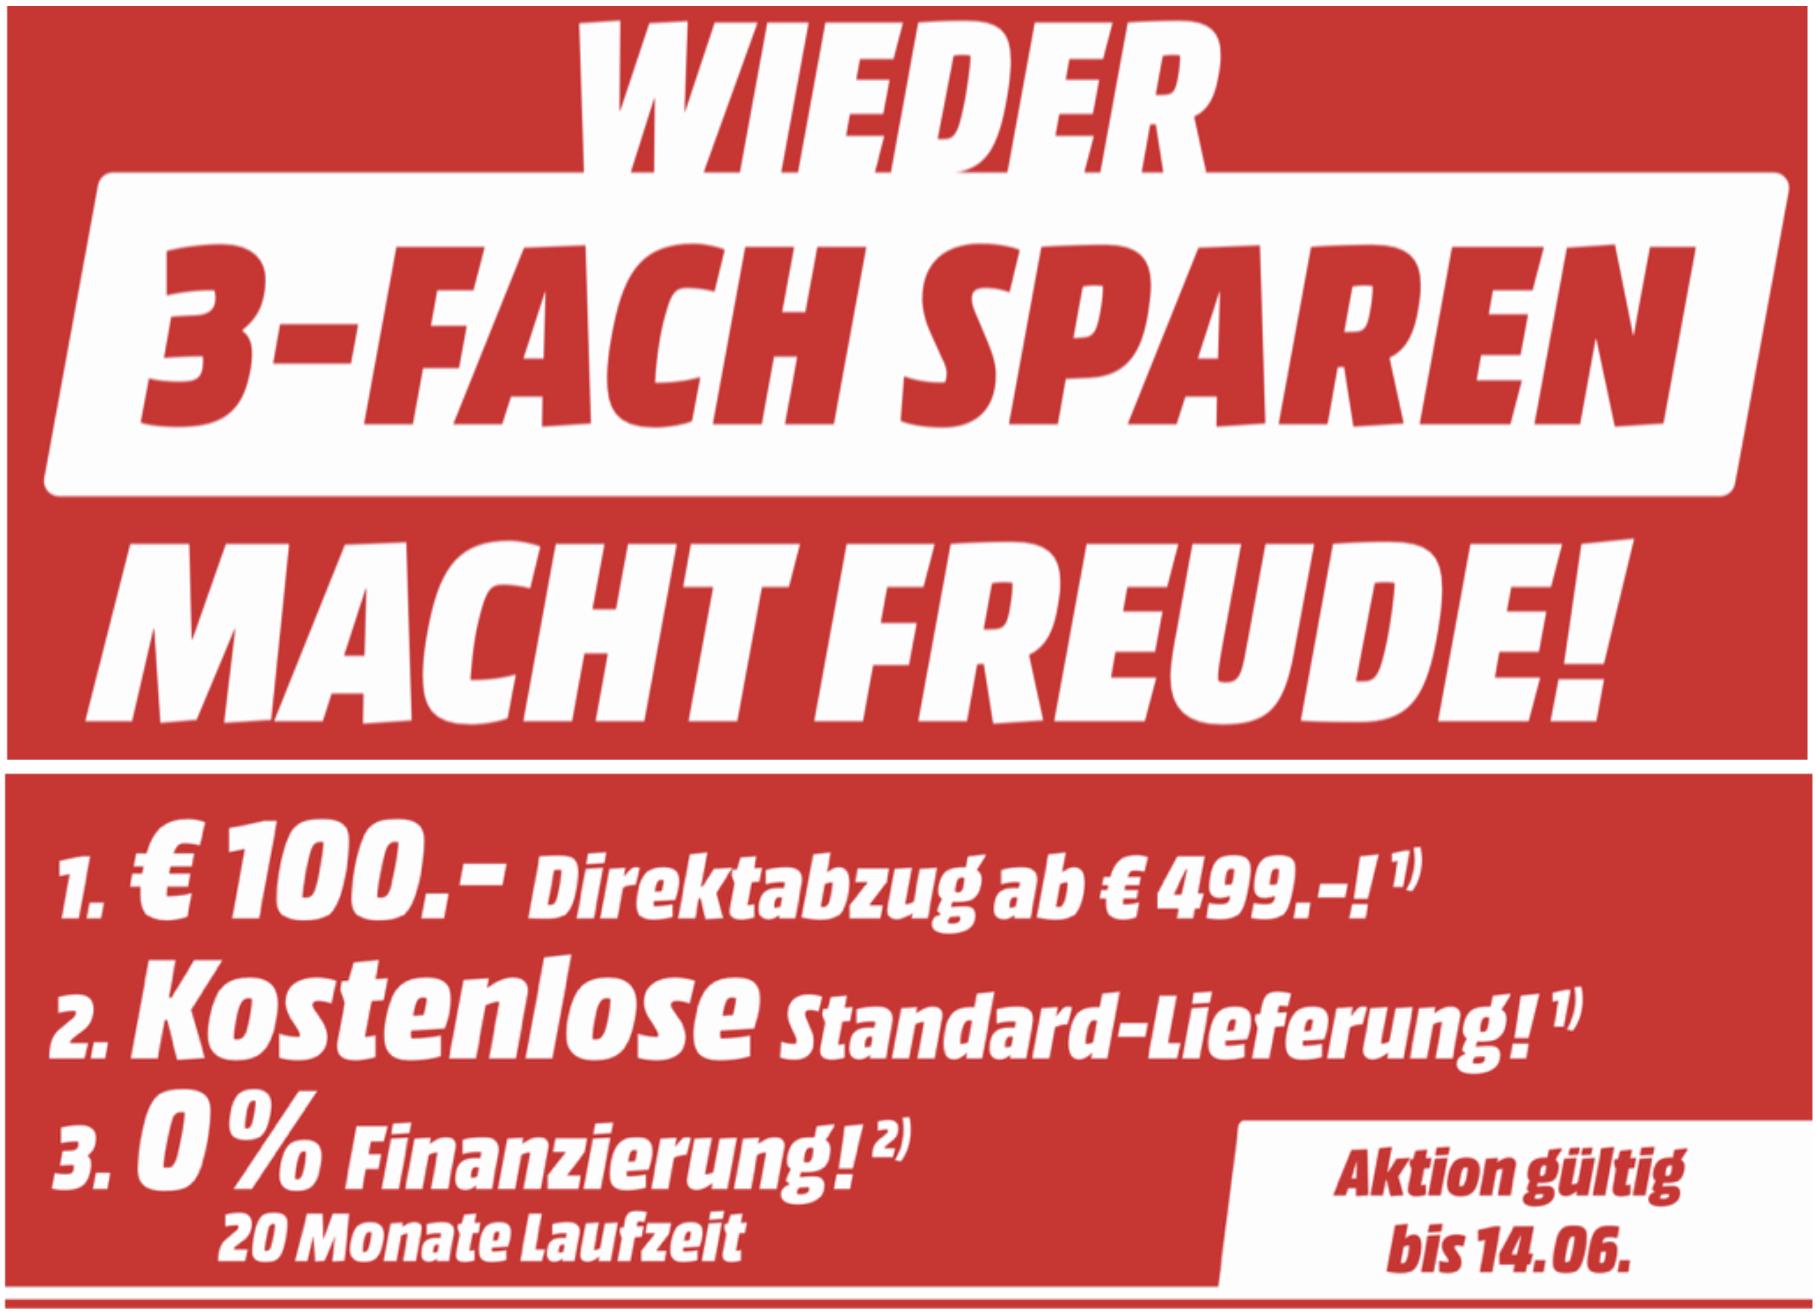 100€ Direktabzug + kostenlose Lieferung auf Haushaltsgroßgeräte, Bodenpflege, Kaffeevollautomaten usw. ab 499€ - auch im Markt gültig